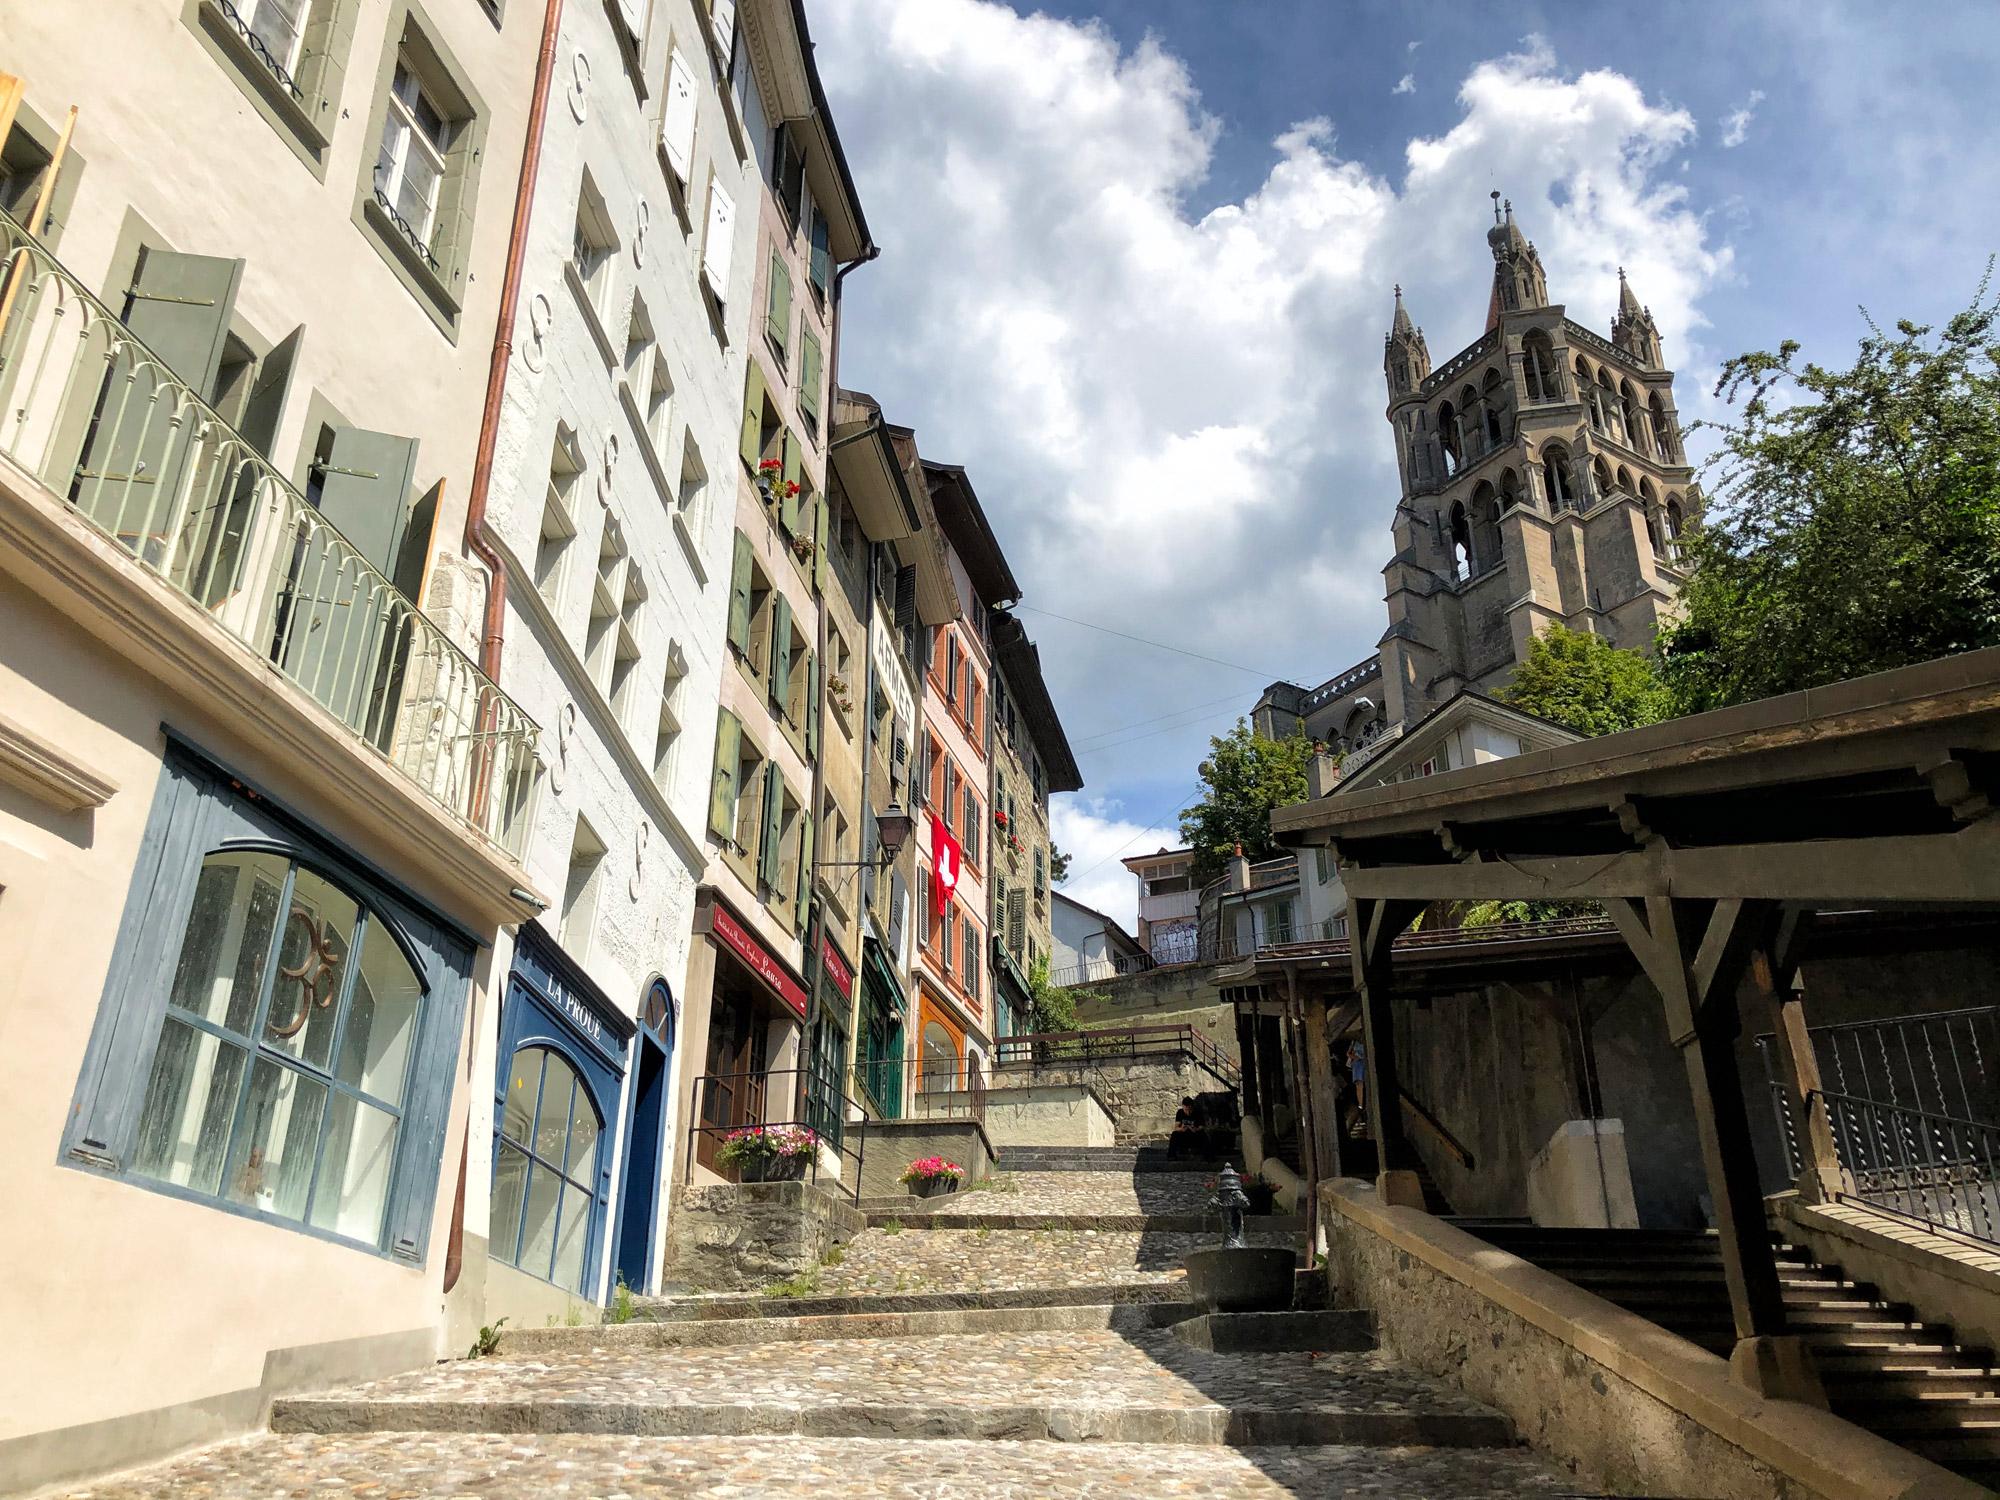 Zwitserland - Lausanne